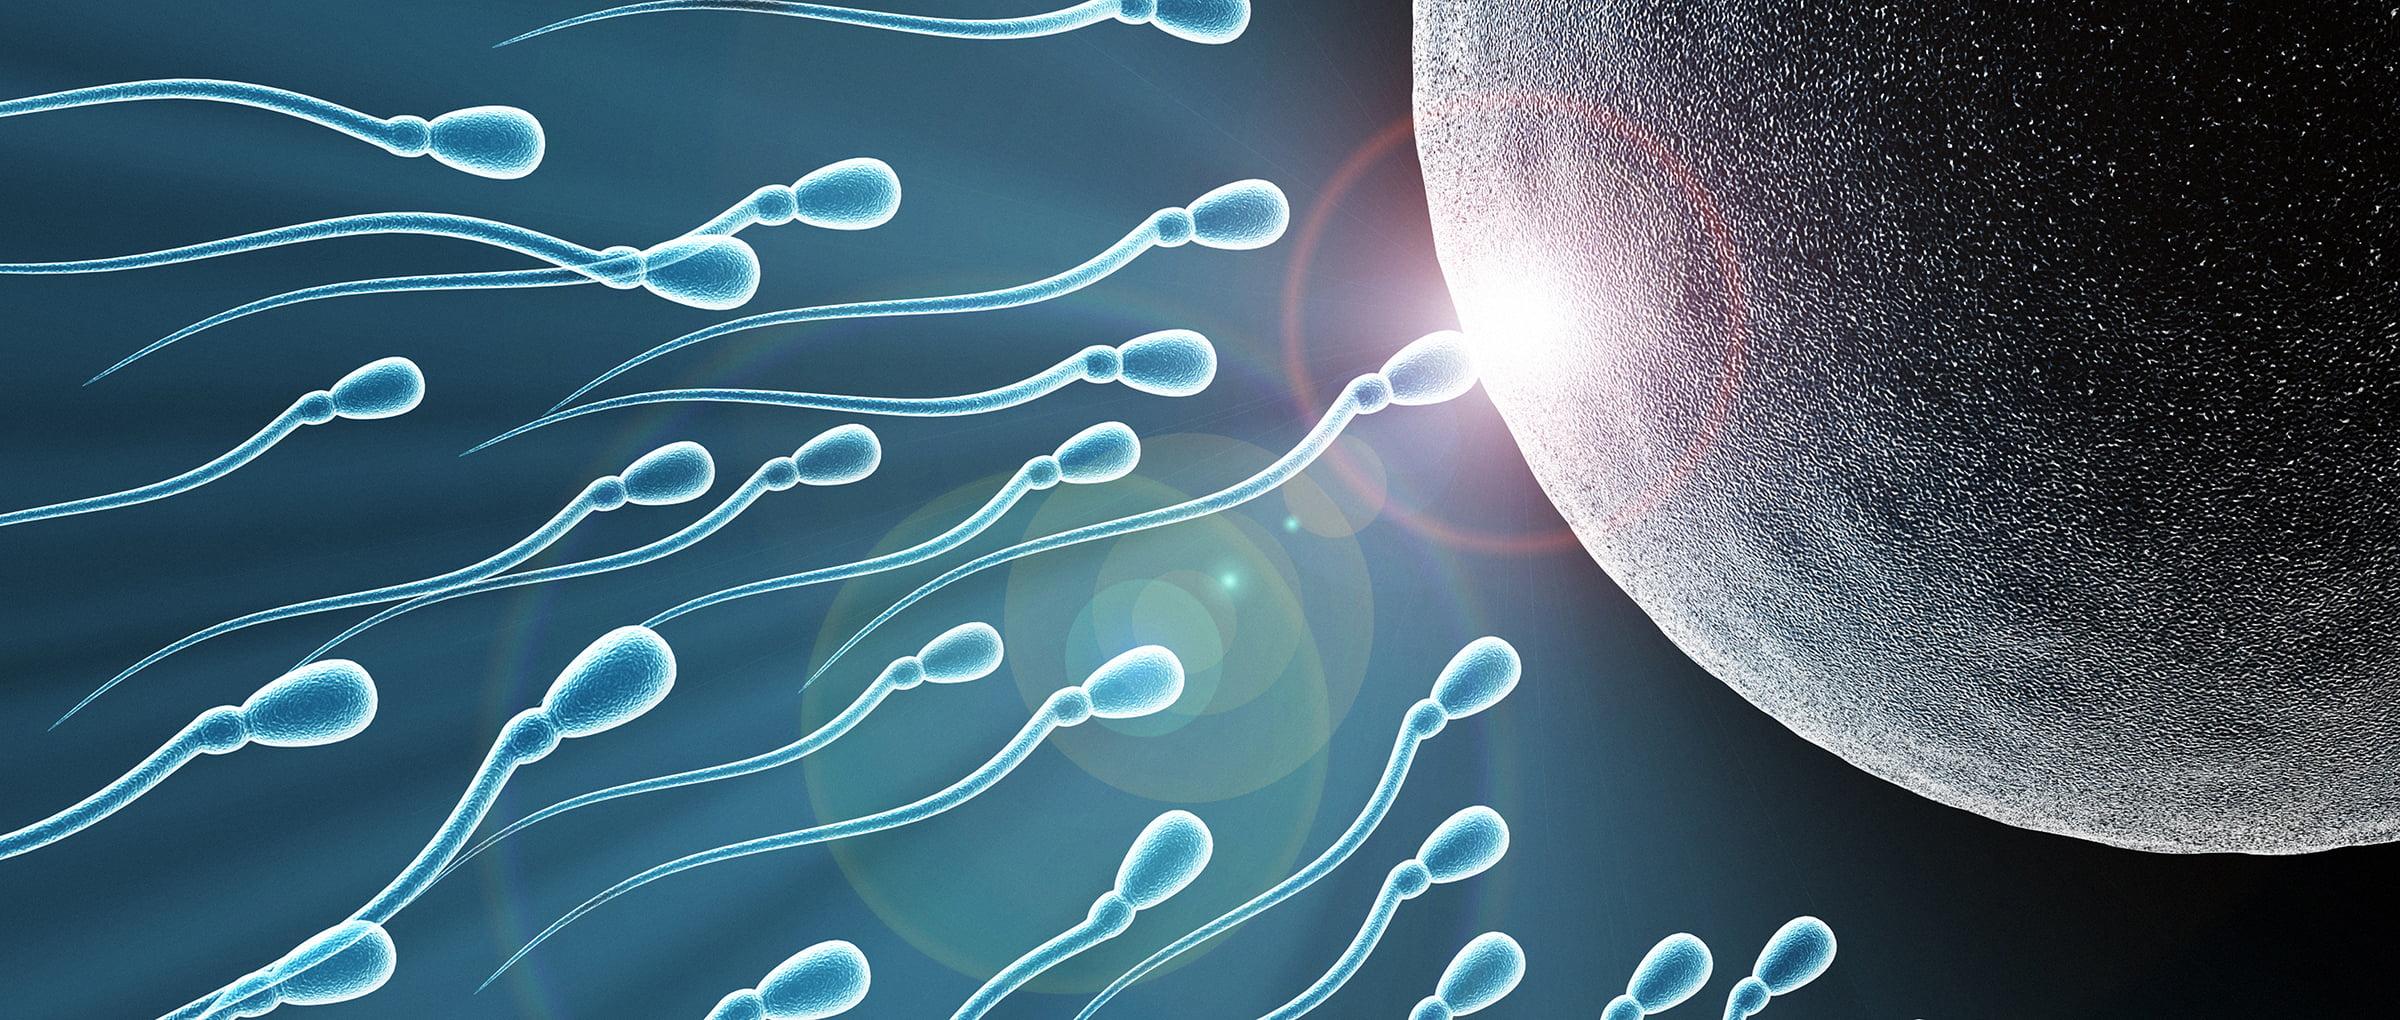 FIV avec don de sperme en Grèce